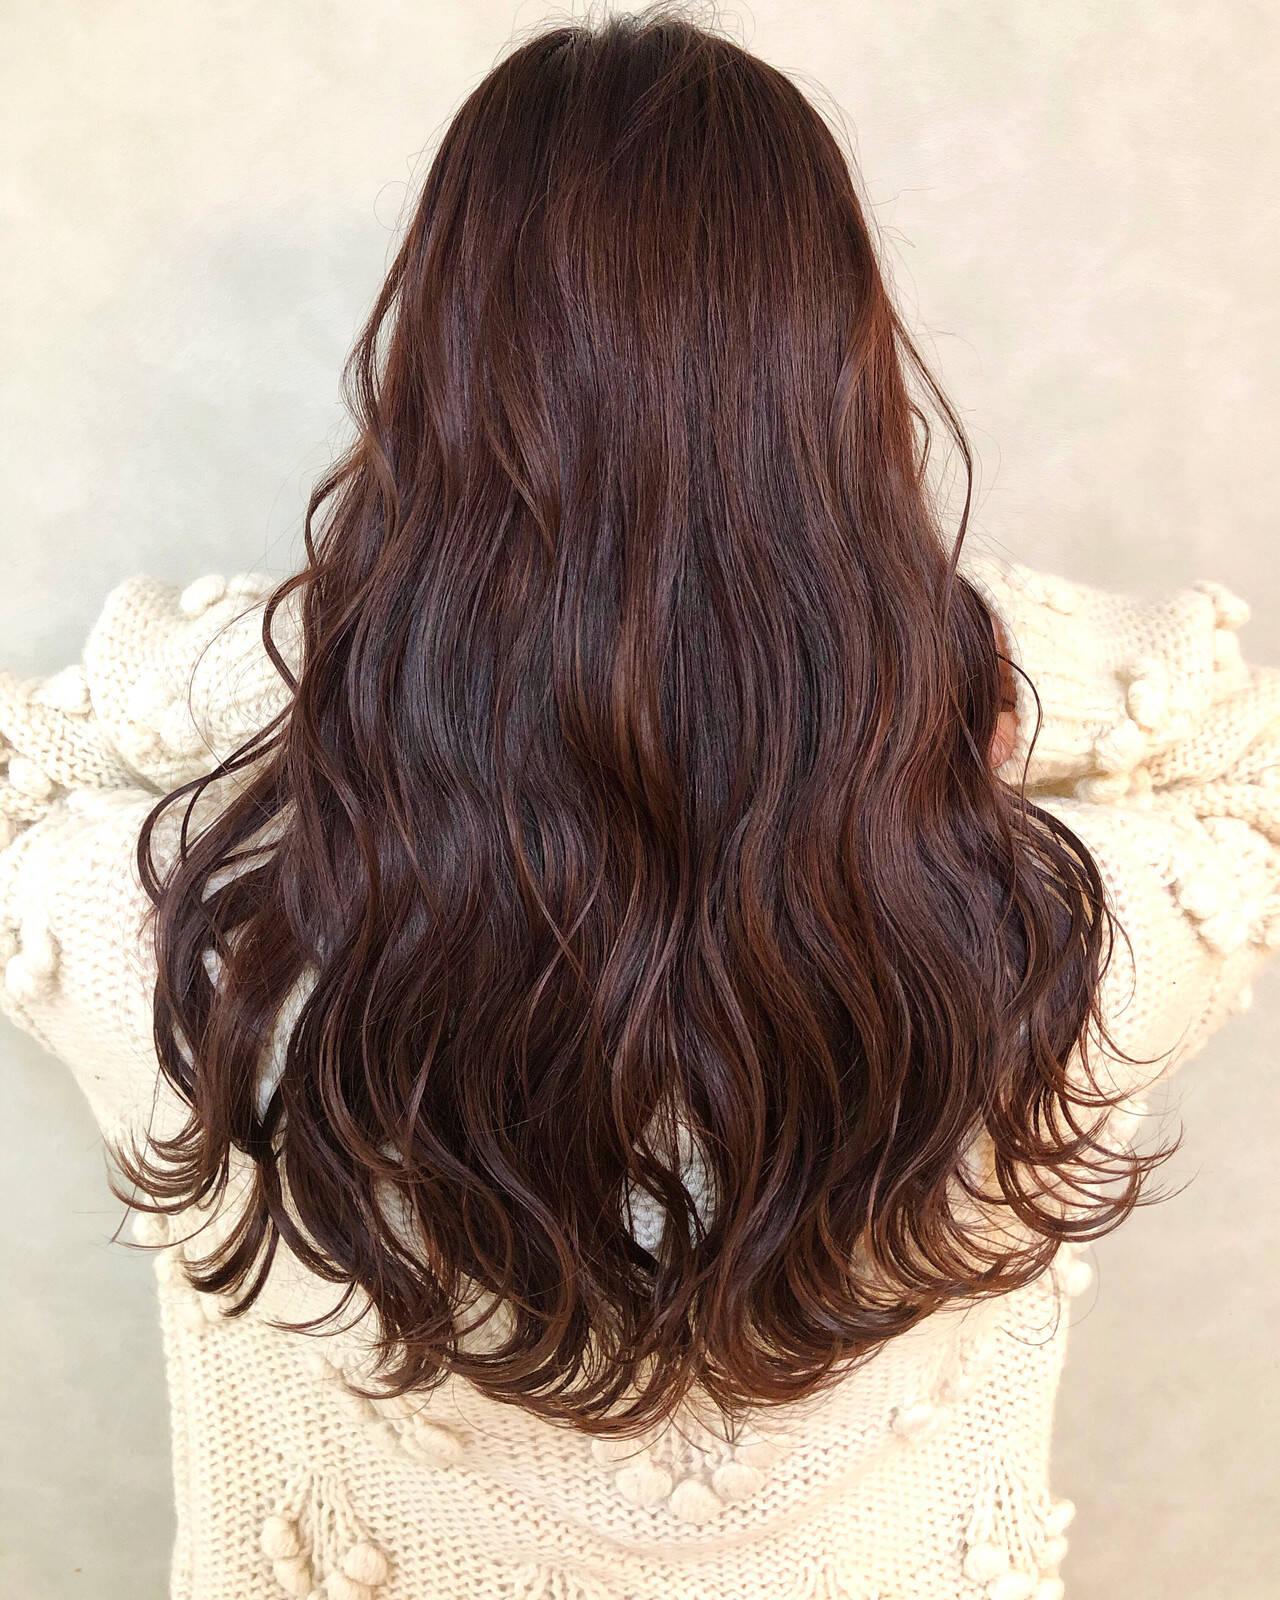 極細ハイライト ハイライト フェミニン ロングヘアスタイルや髪型の写真・画像